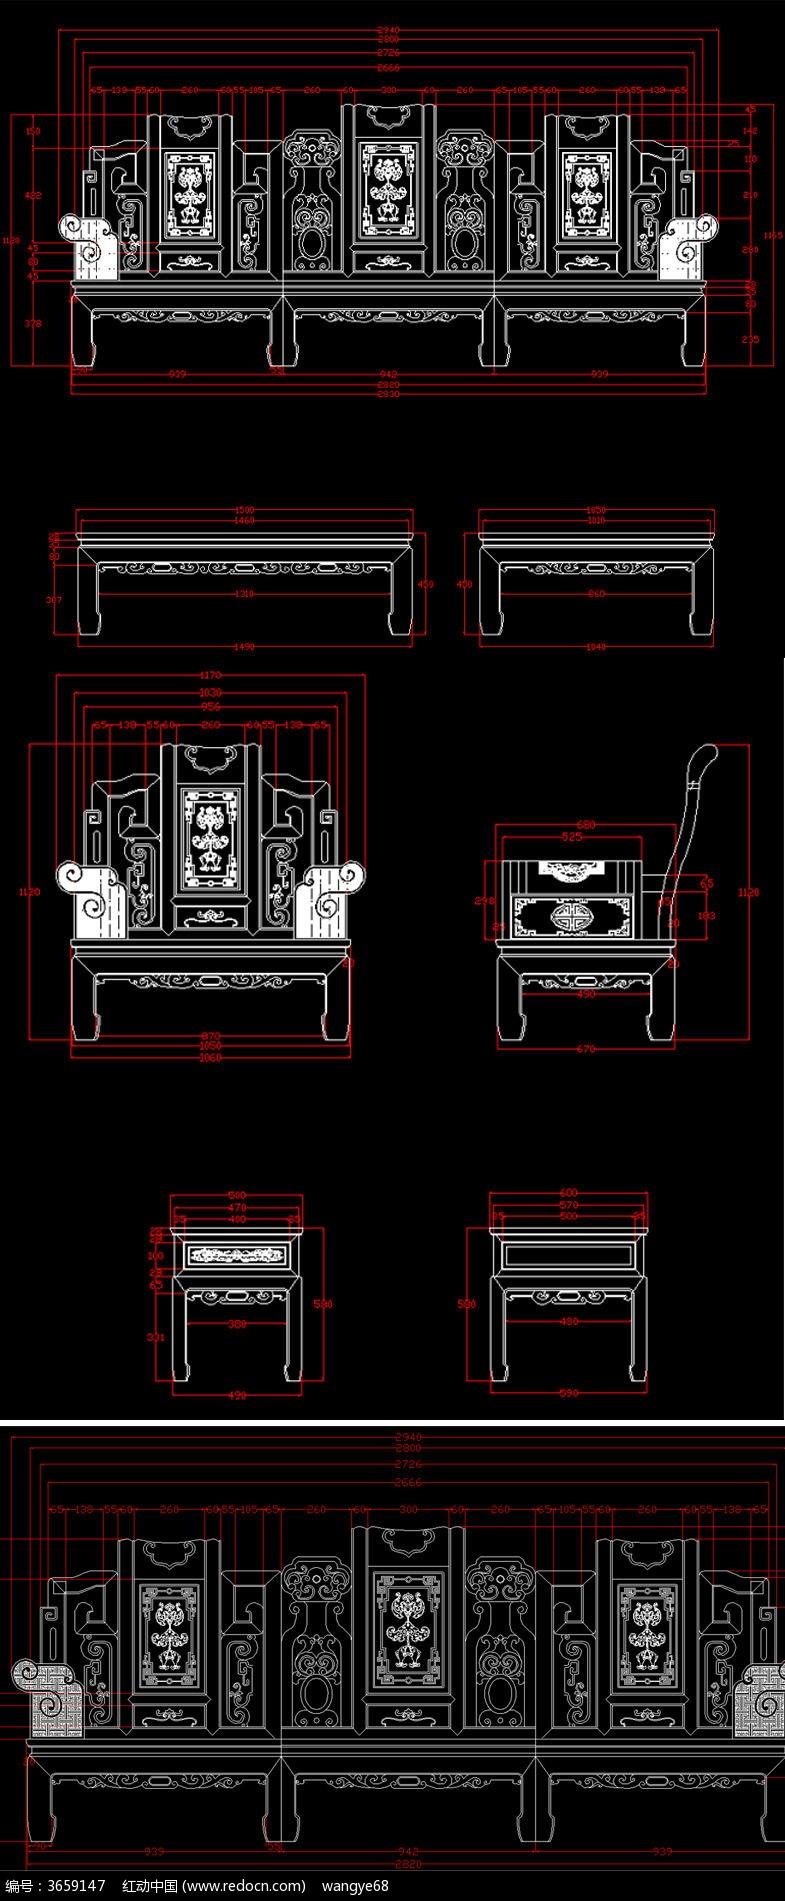 整套鸿运沙发红木家具cad生产图纸